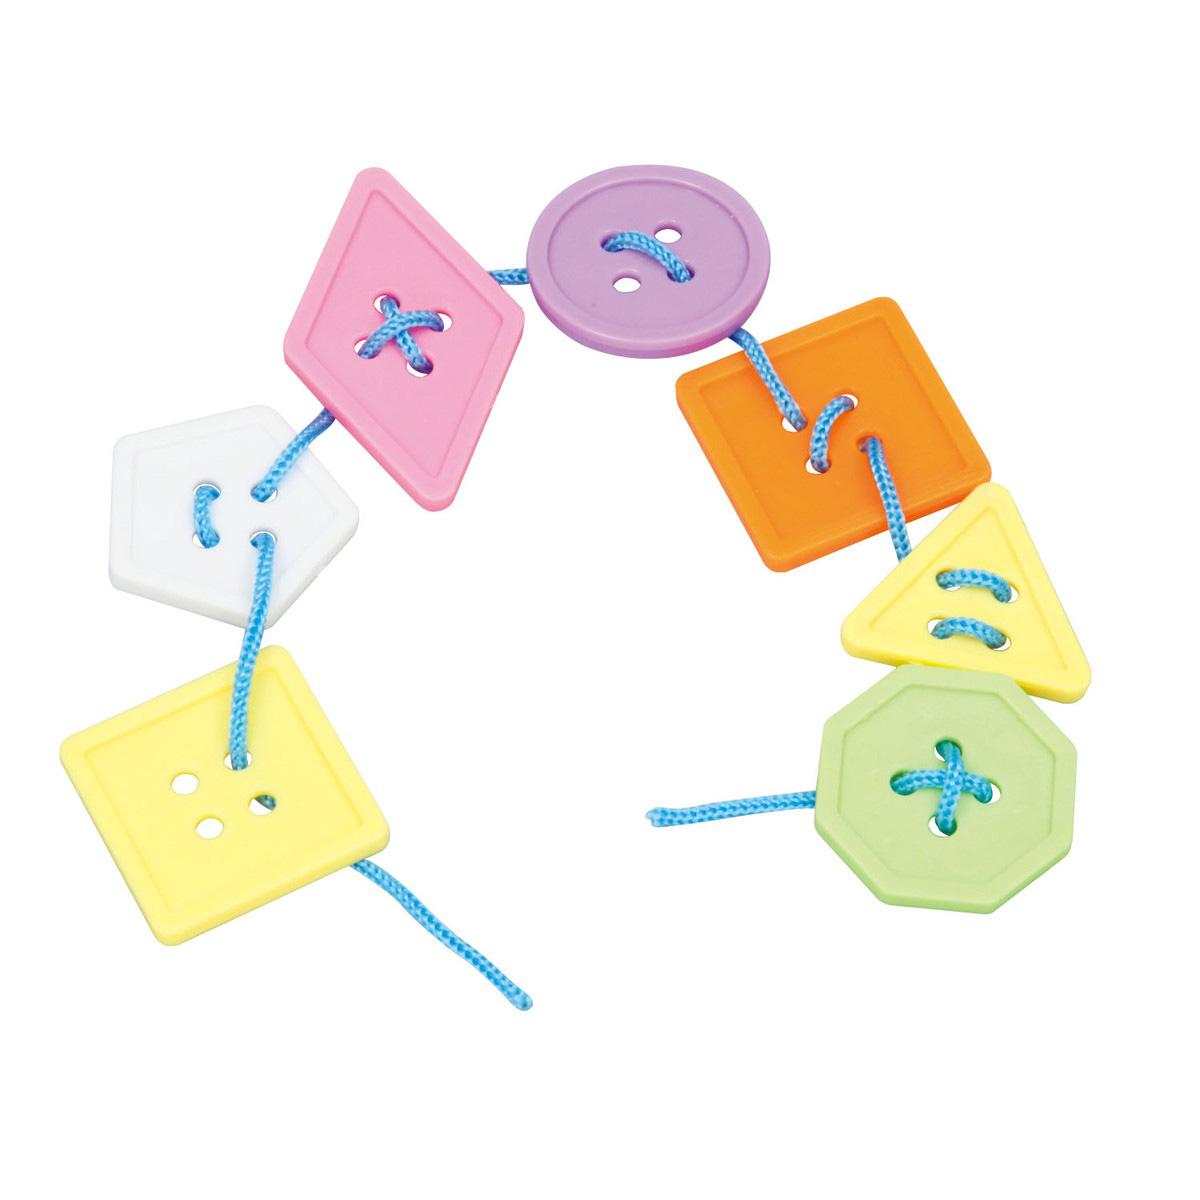 知育玩具 紐通し ぼたんひもとおし ランダムカラー 知育玩具 おもちゃ 幼児 クリスマスプレゼント